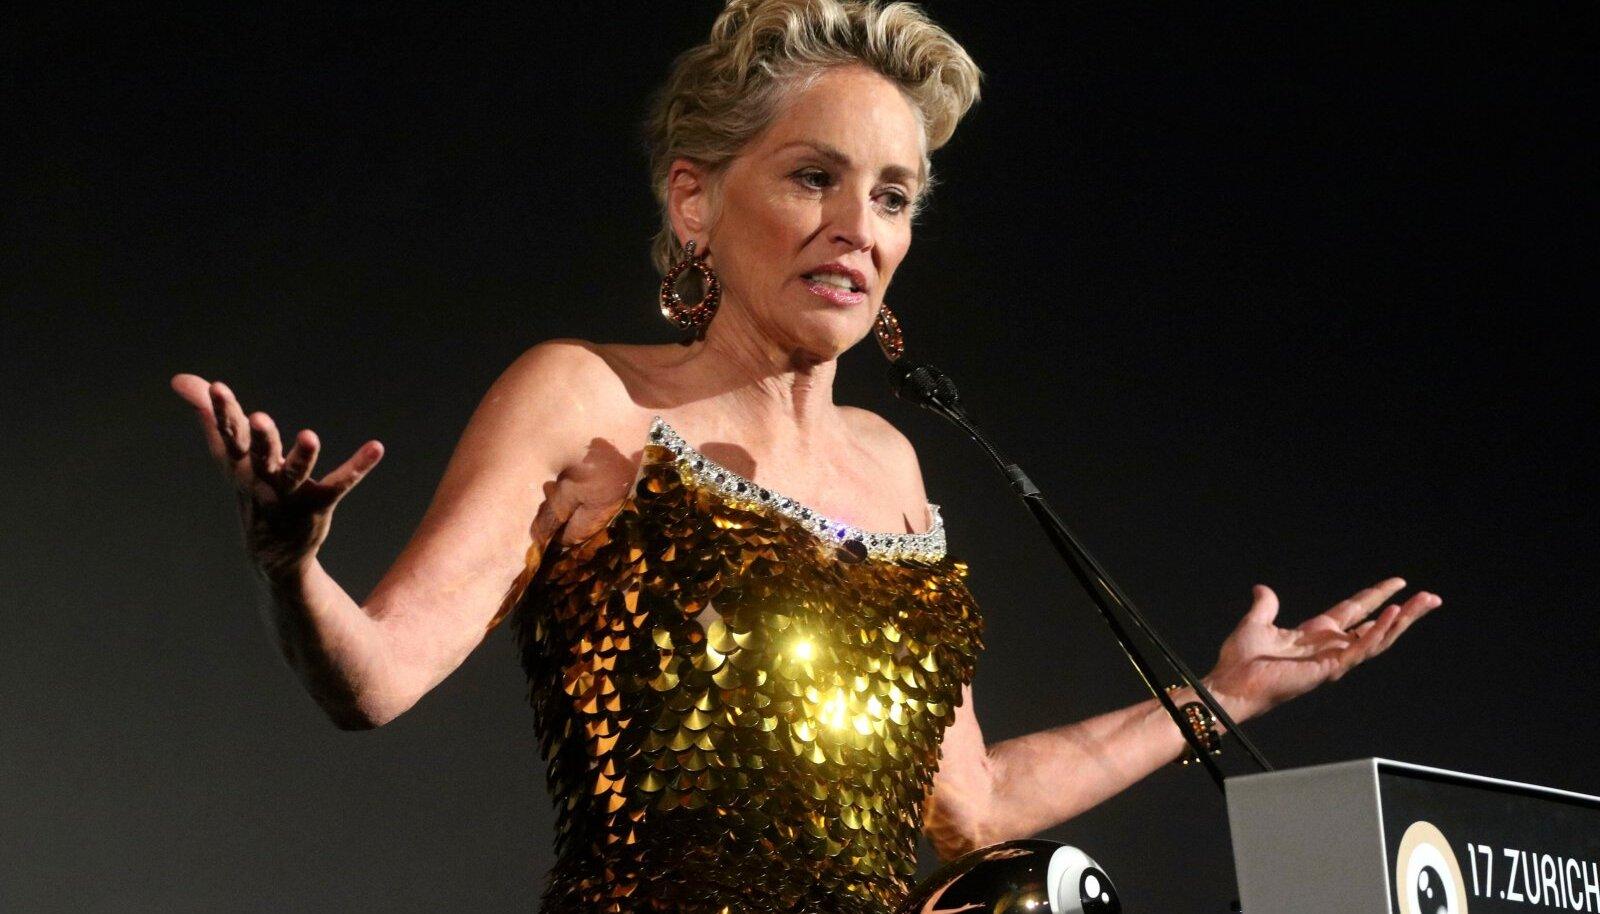 Sharon Stone bei der Verleihung des Golden Eye Awards auf dem 17. Zurich Film Festival 2021 im Kino Corso. Zürich, 25.09